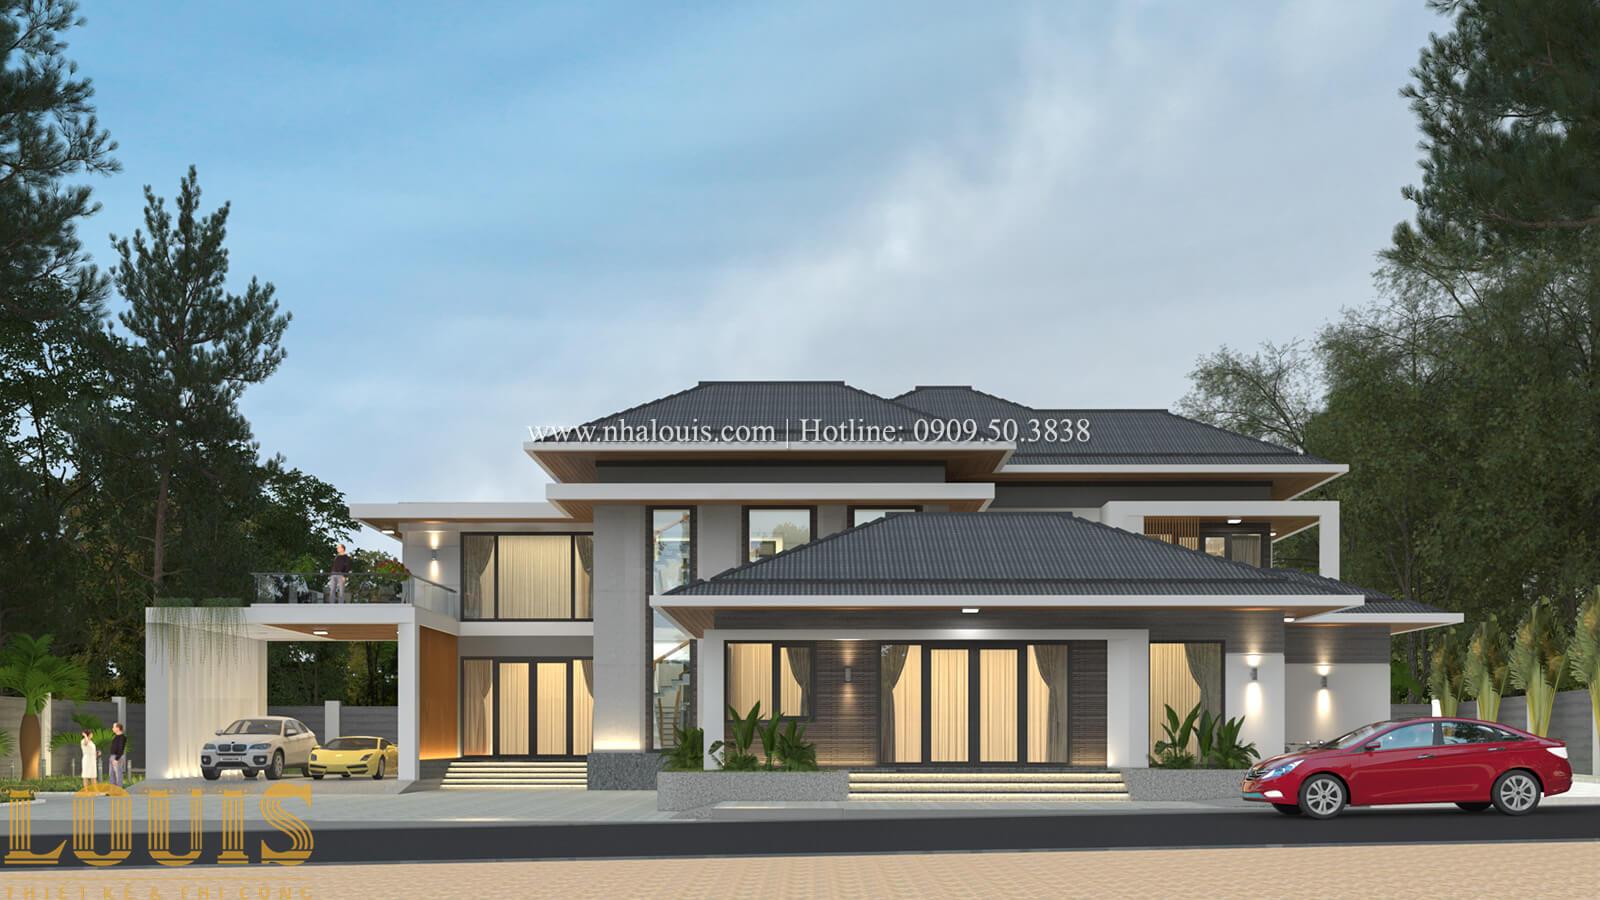 Mặt tiền thiết kế biệt thự nghỉ dưỡng tại Cà Mau